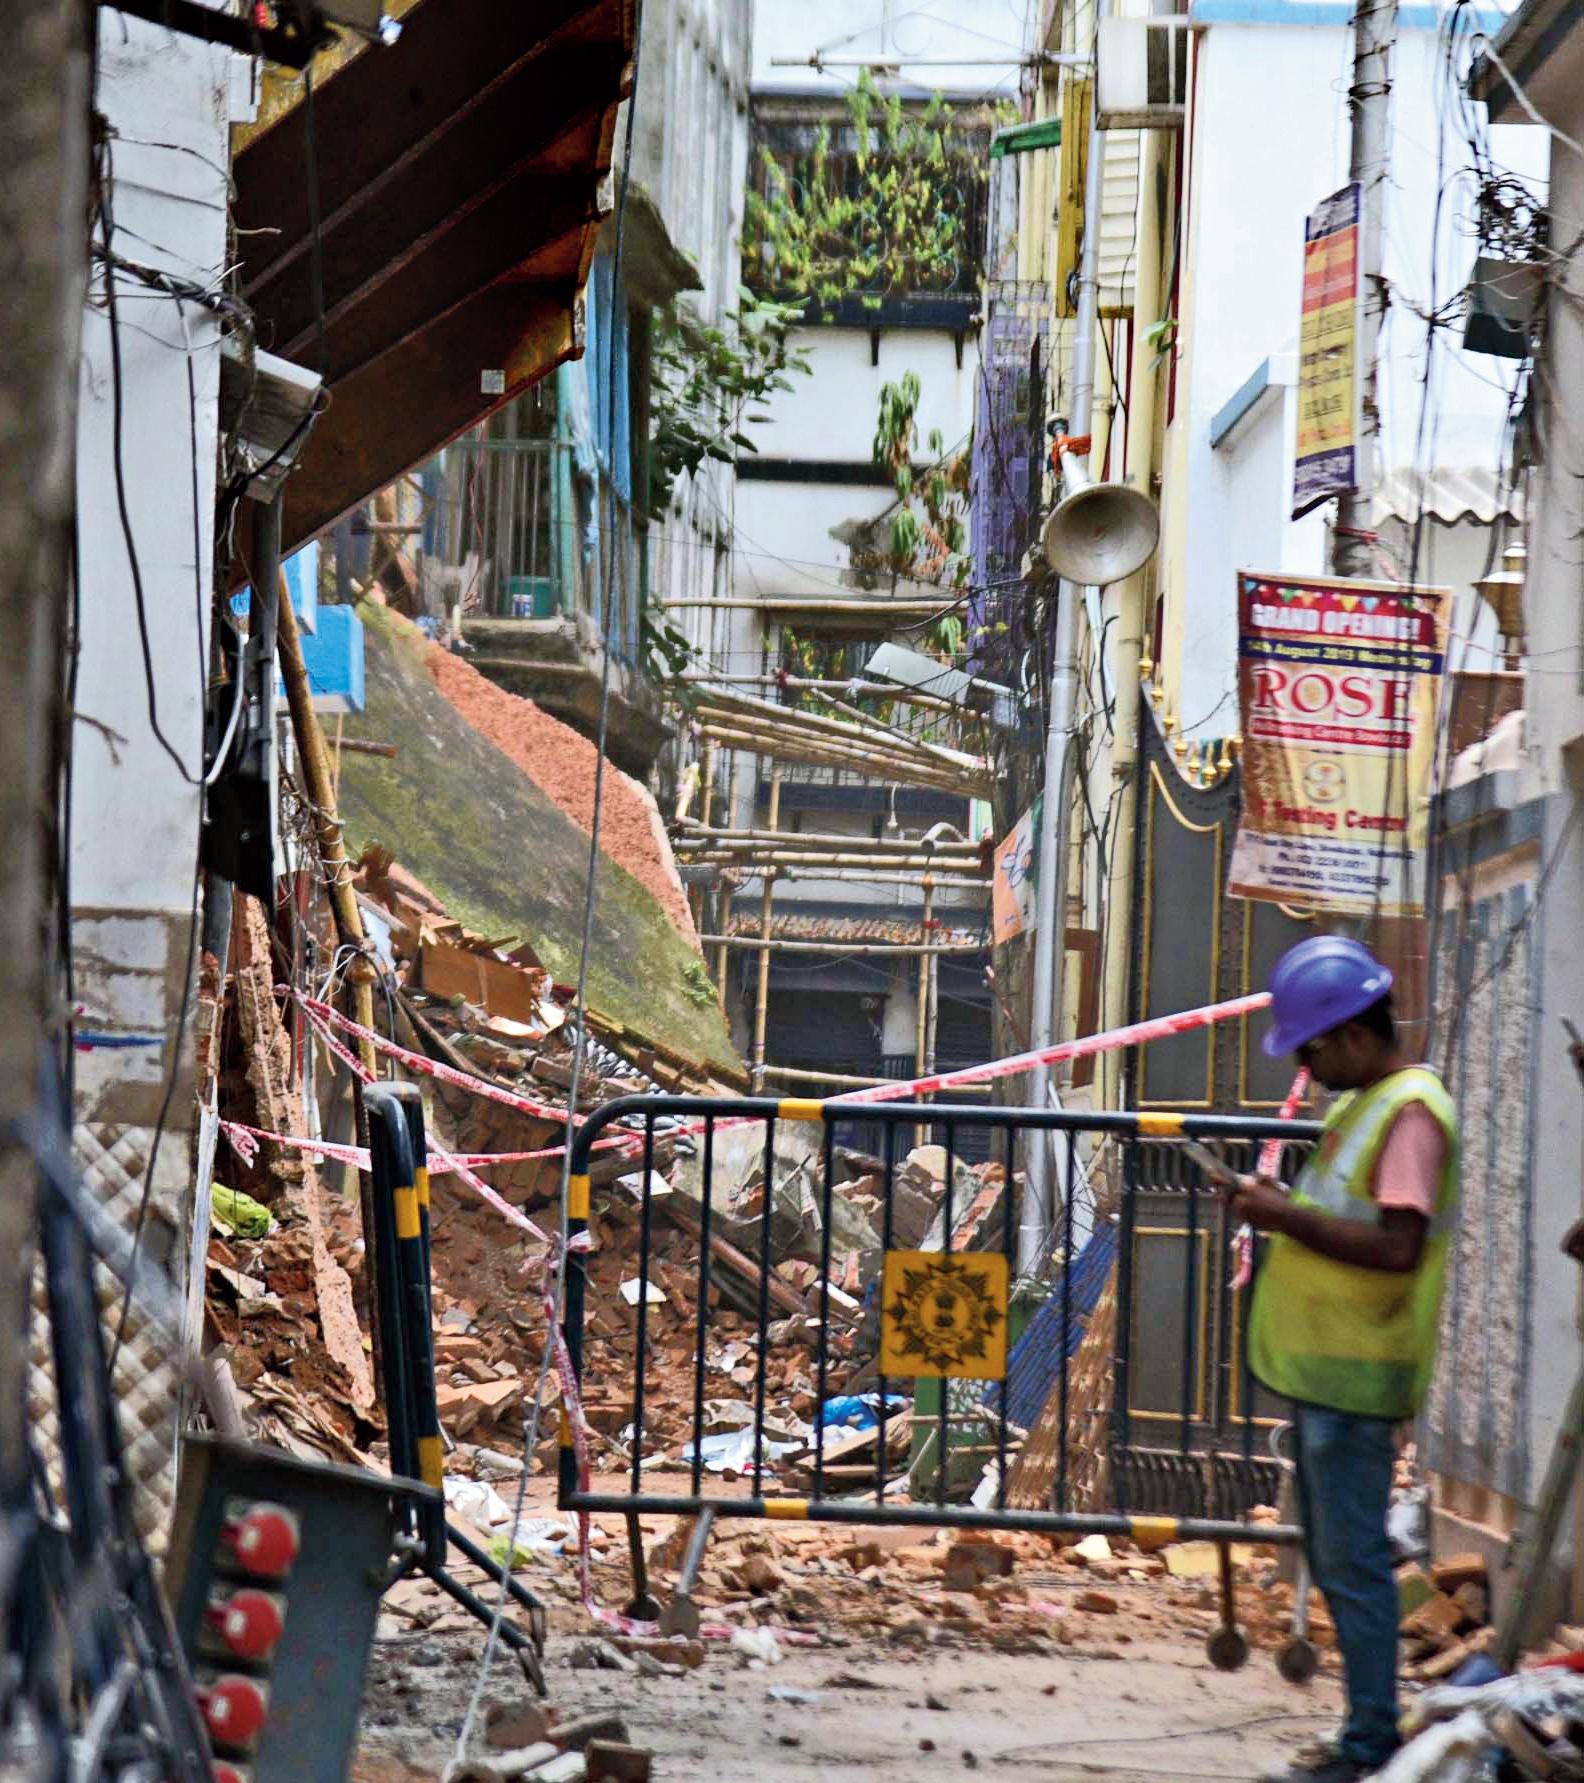 Durga Pituri Lane on Sunday.